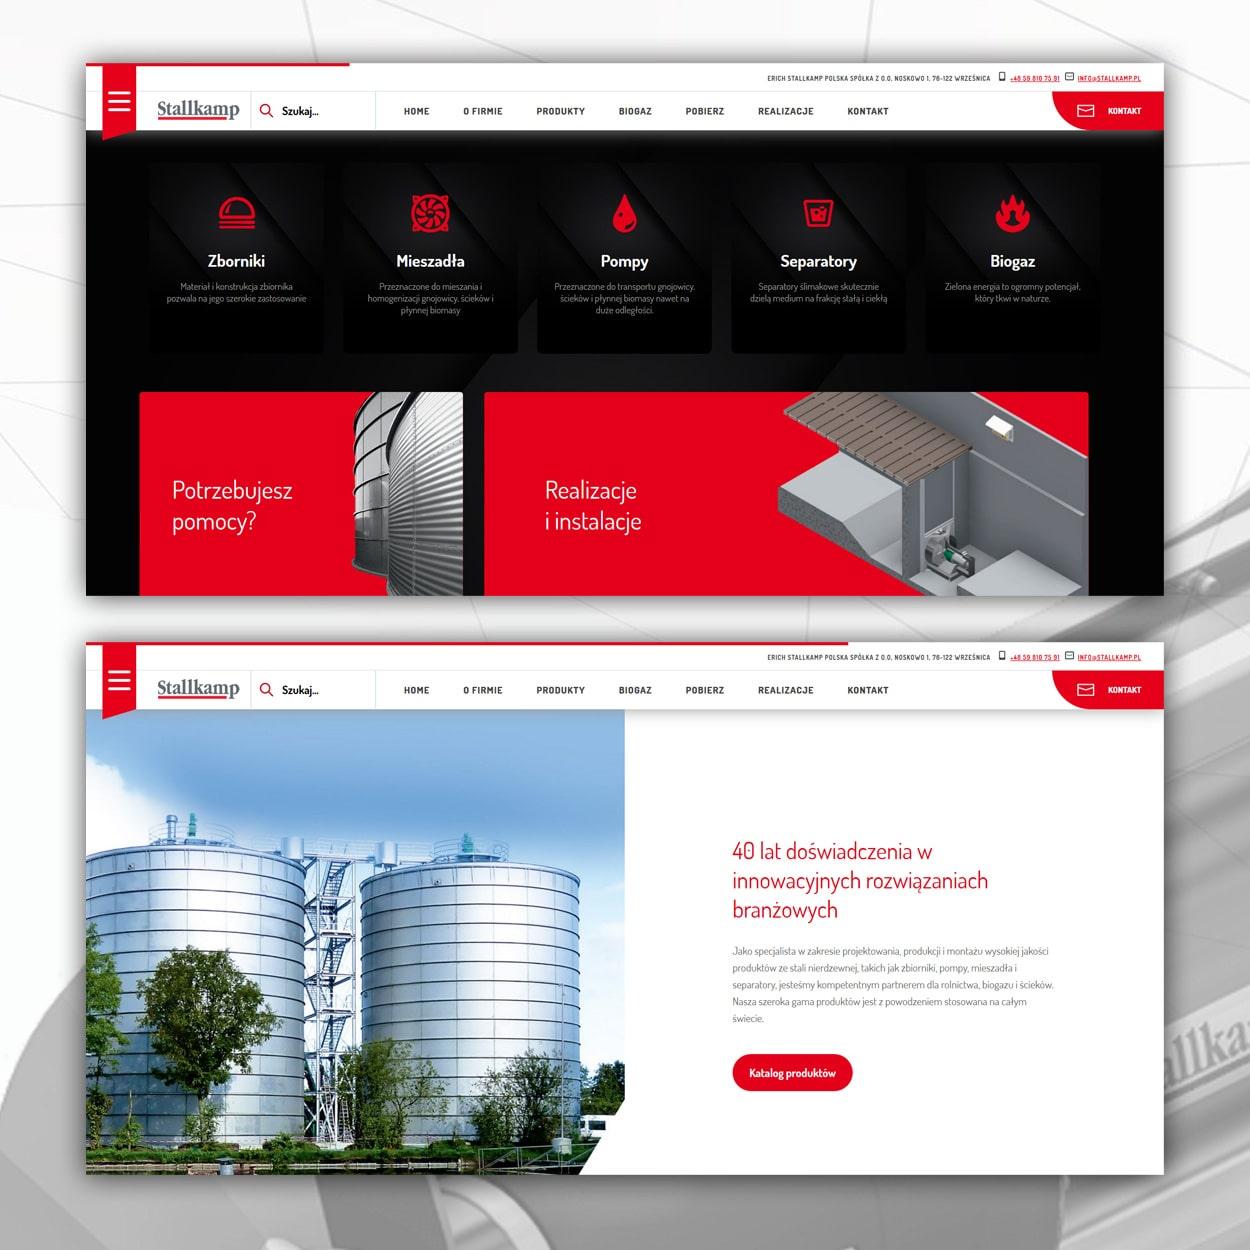 projektowanie stron www dla firmy technicznej 2 - Strona internetowa dla firmy technicznej - Stallkamp.pl